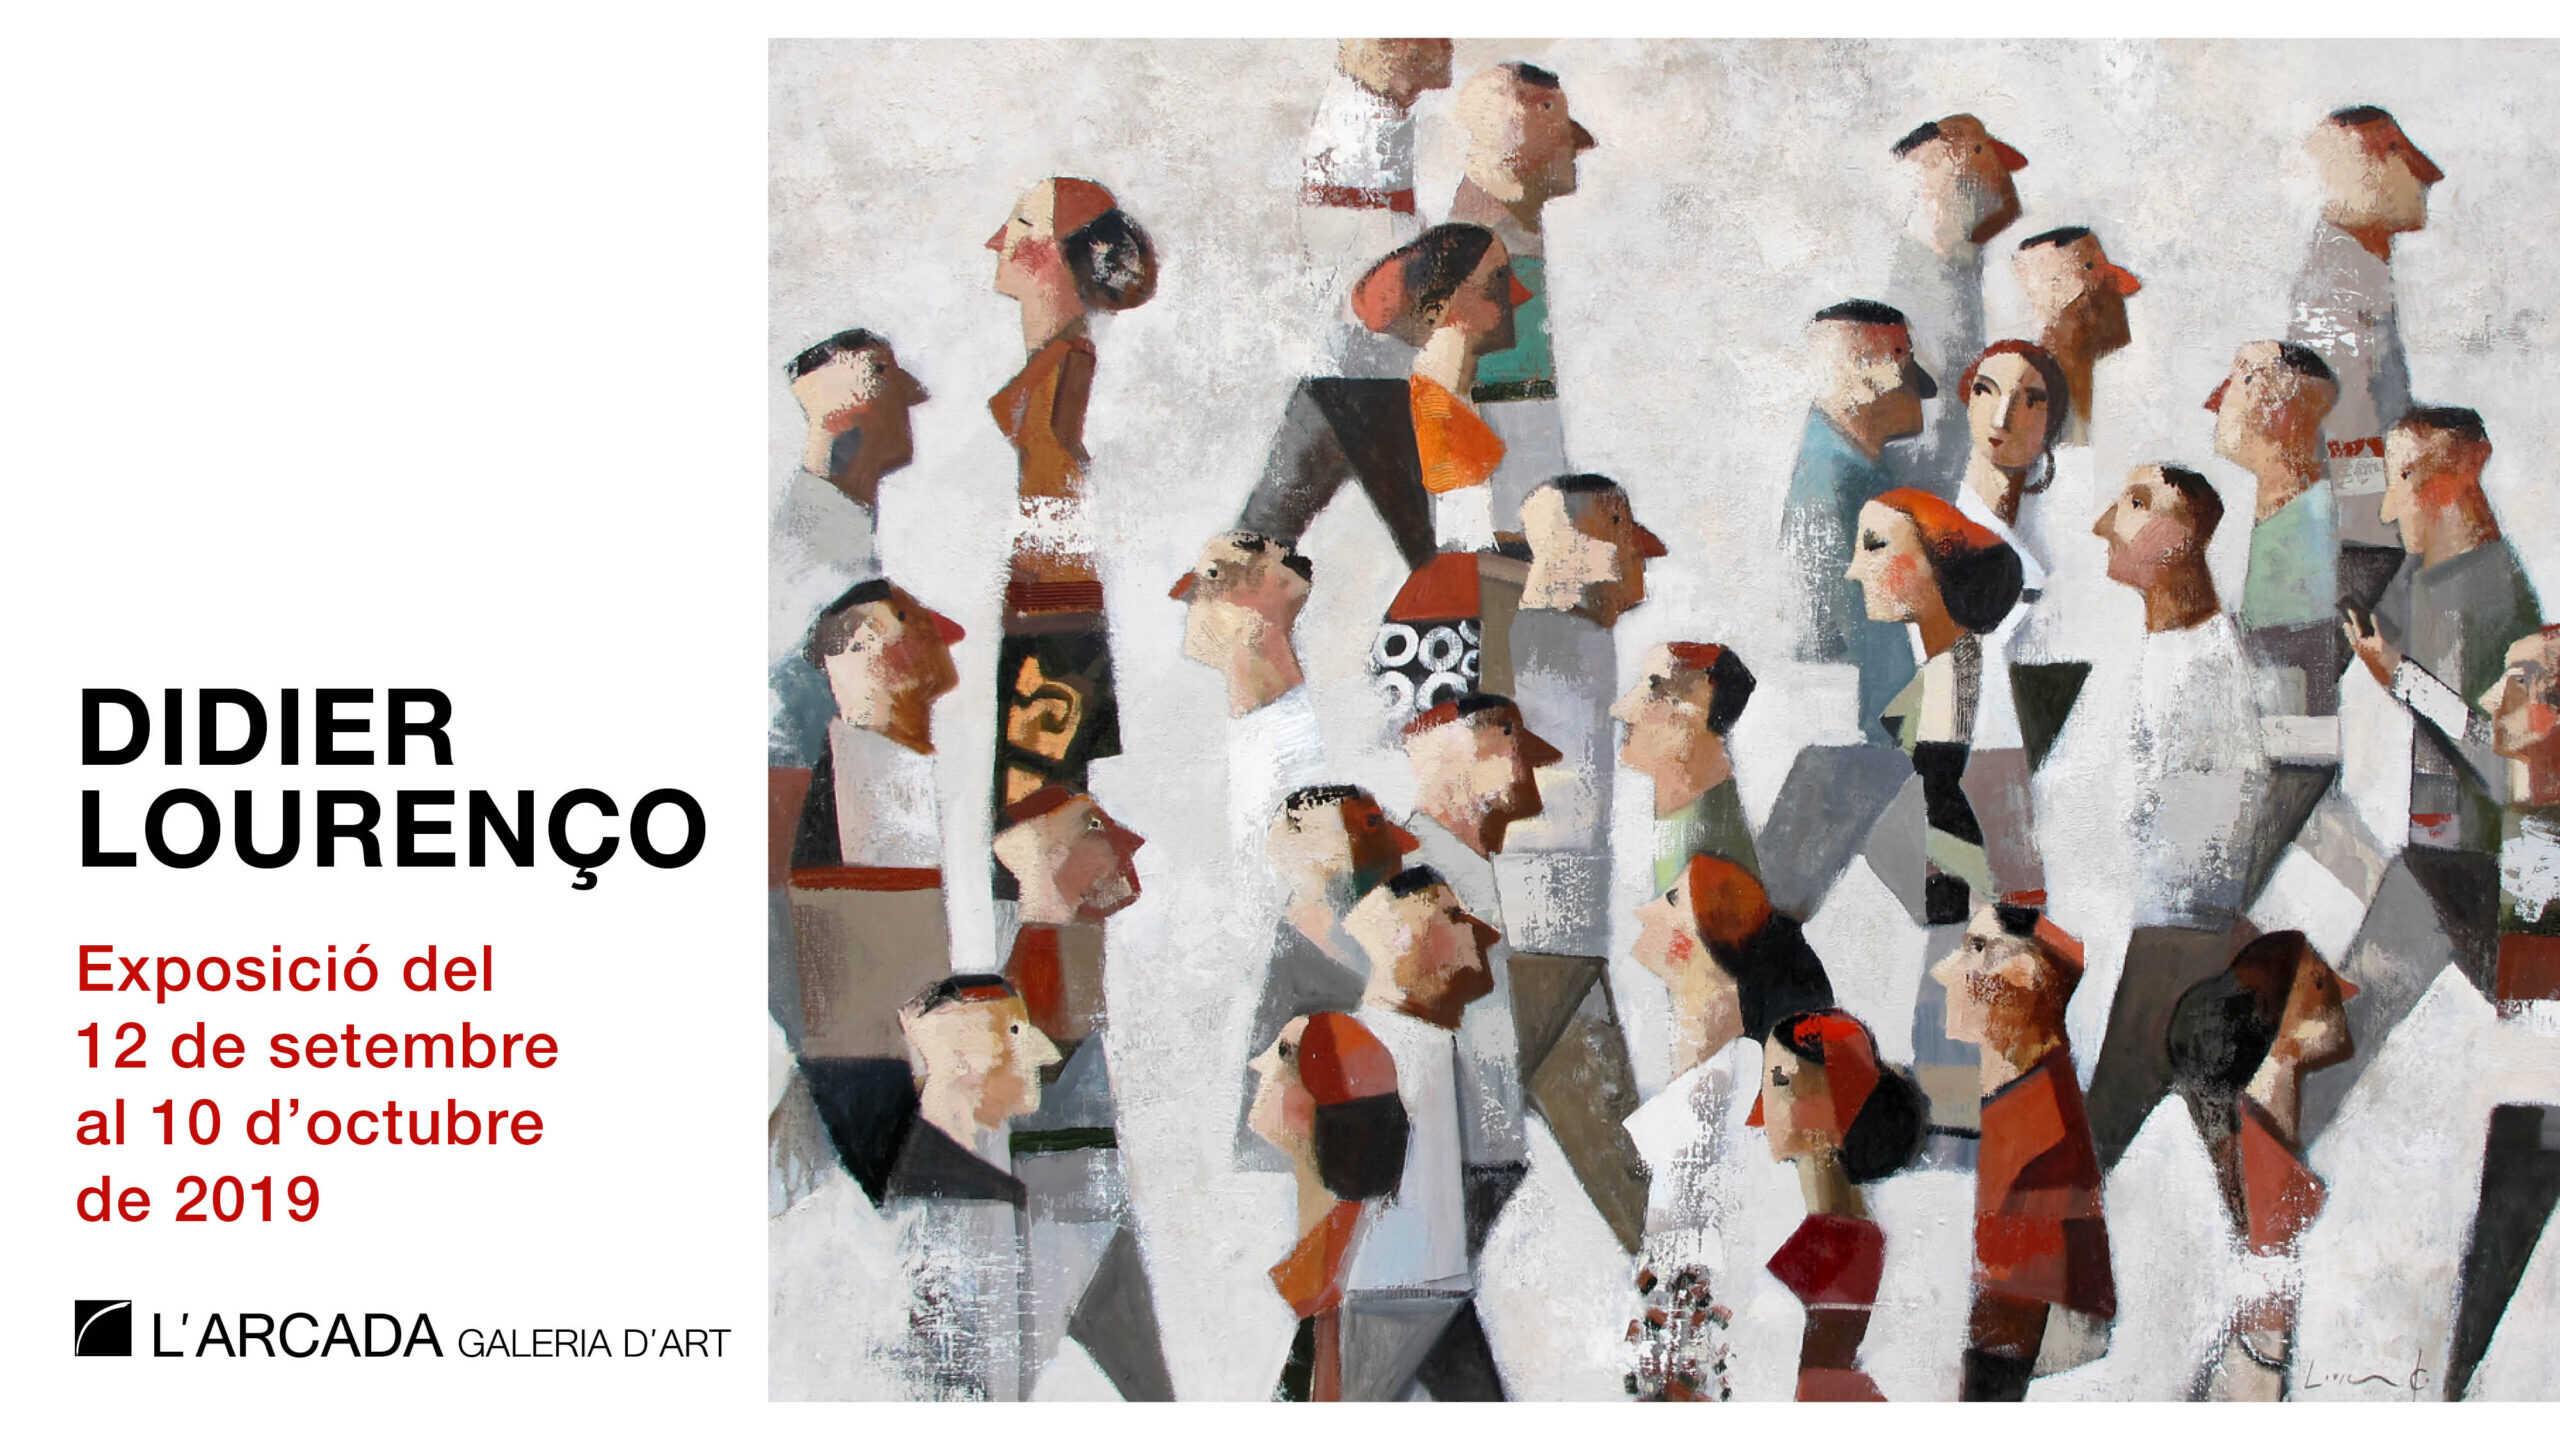 Presentamos la exposición de Didier Lourenço en Blanes.